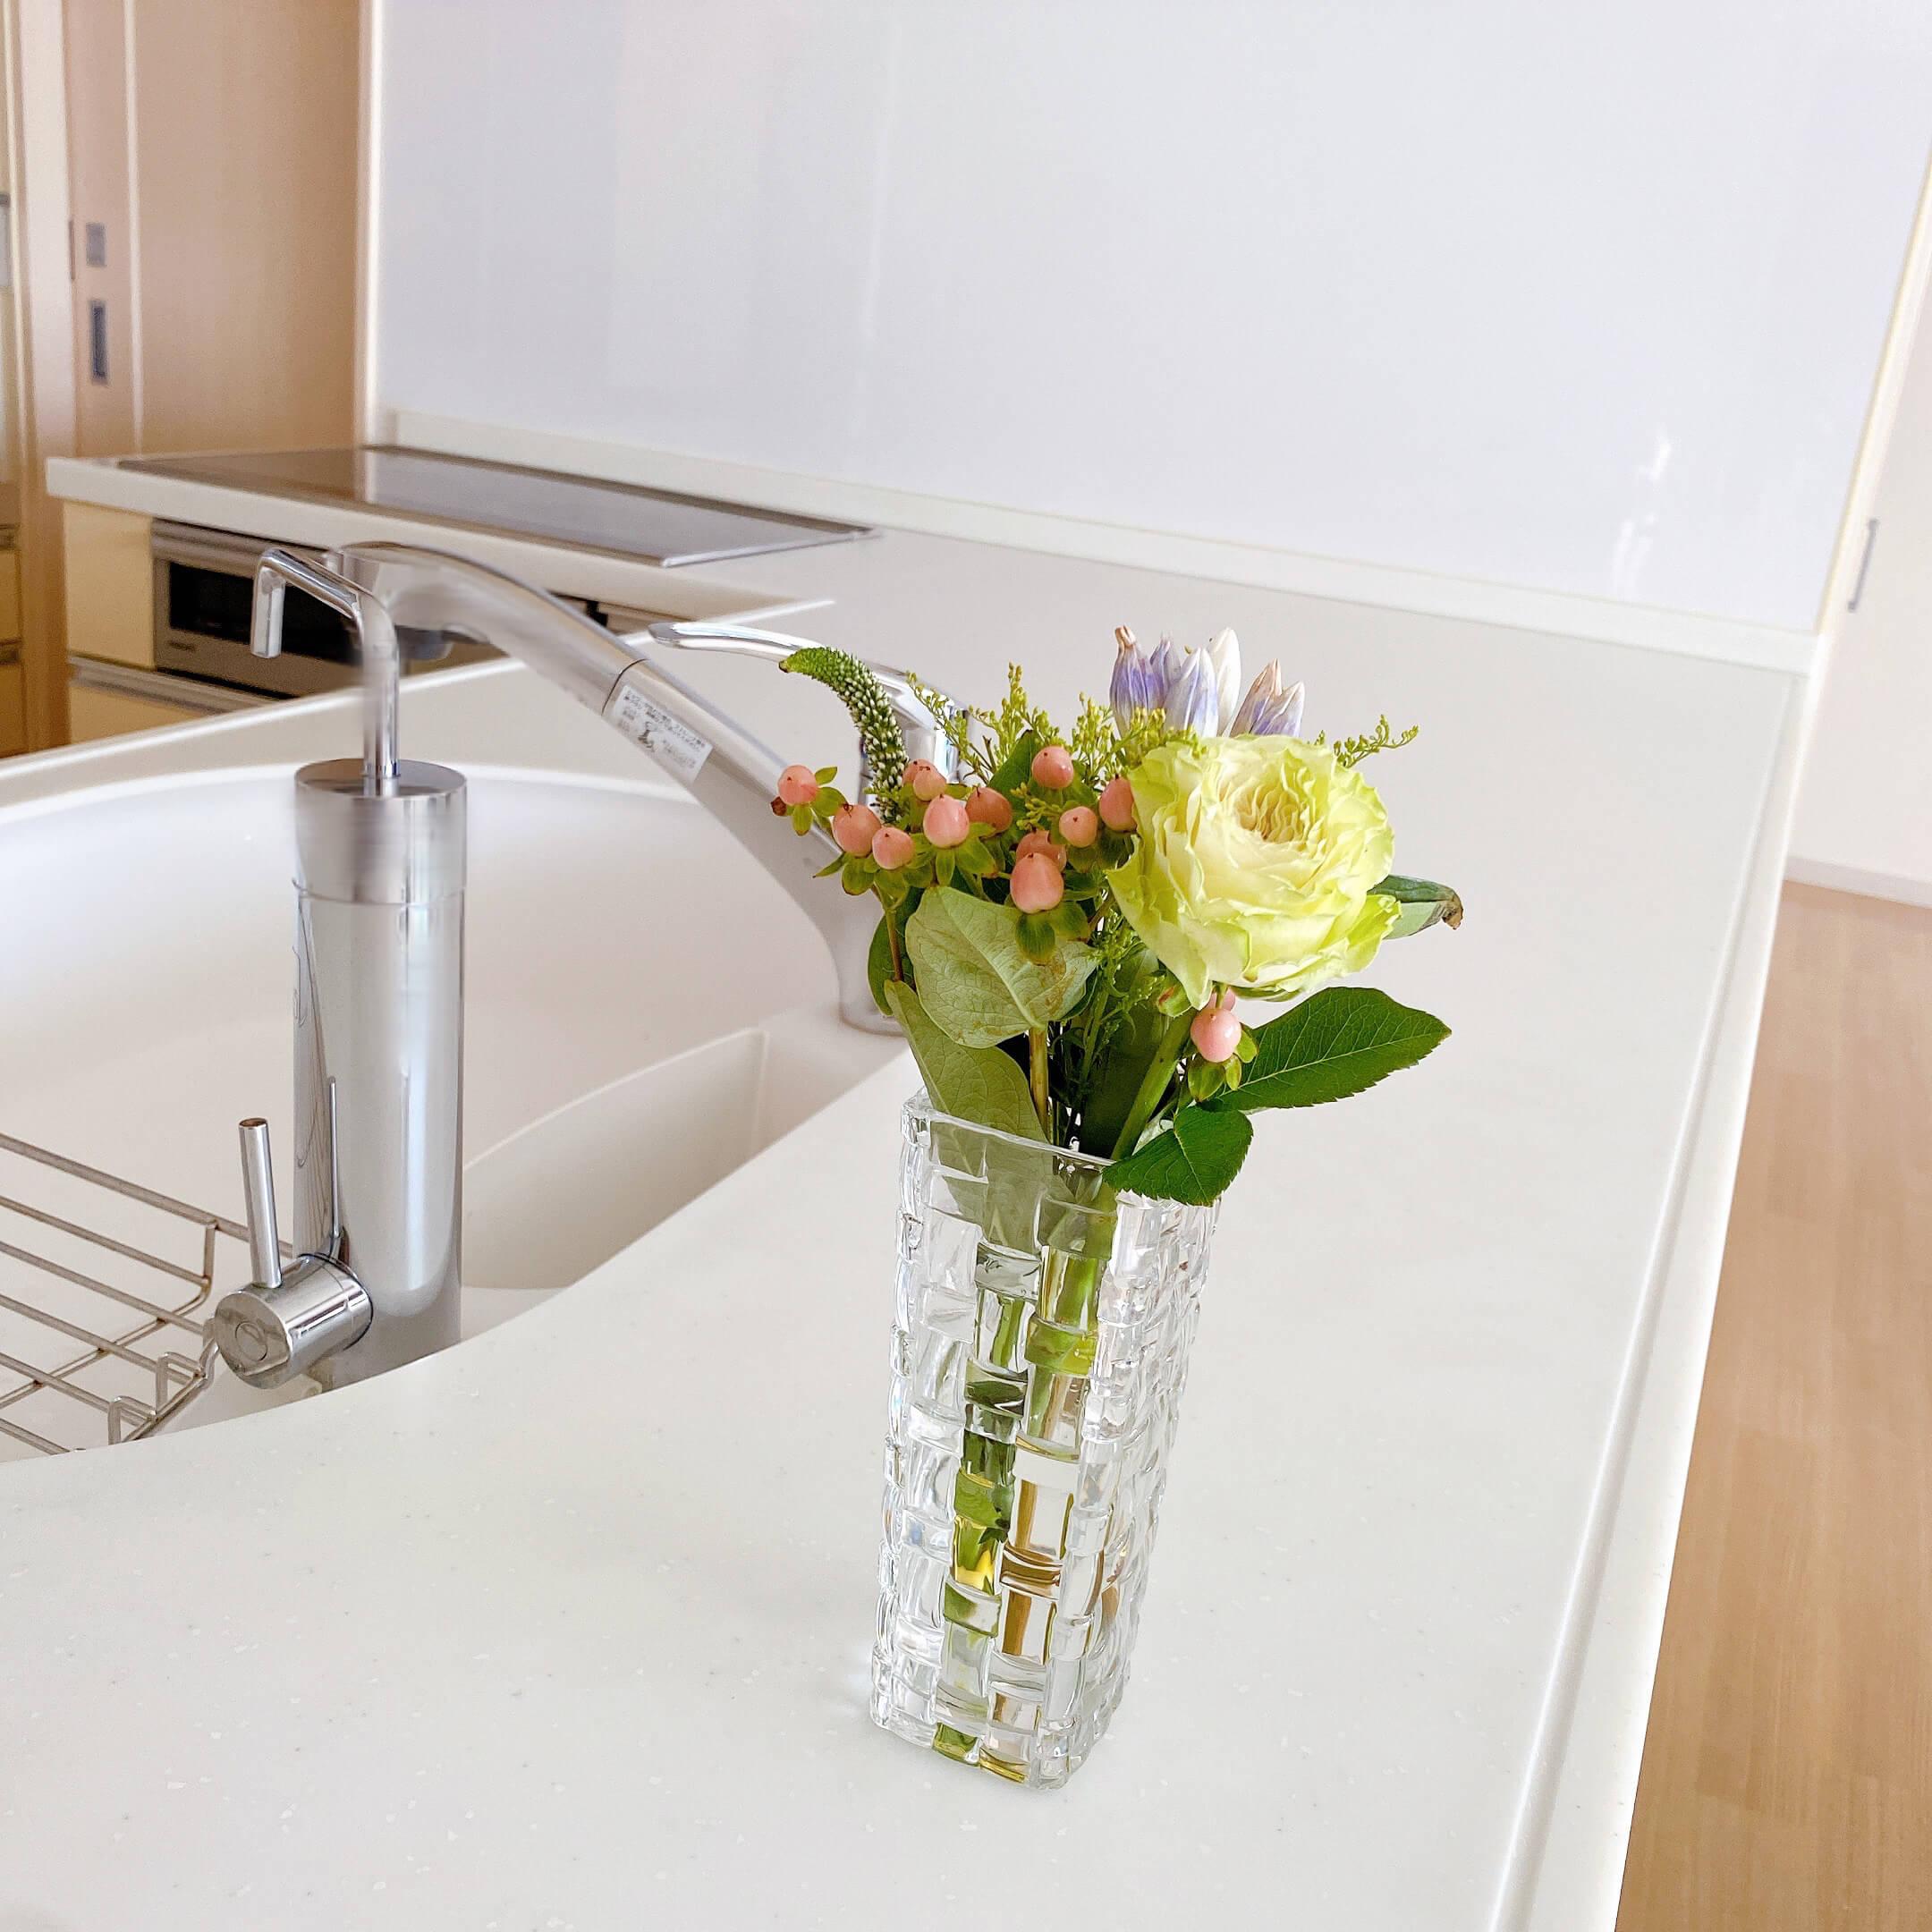 ブルーミーレギュラープランで届いたお花をキッチンに飾った様子